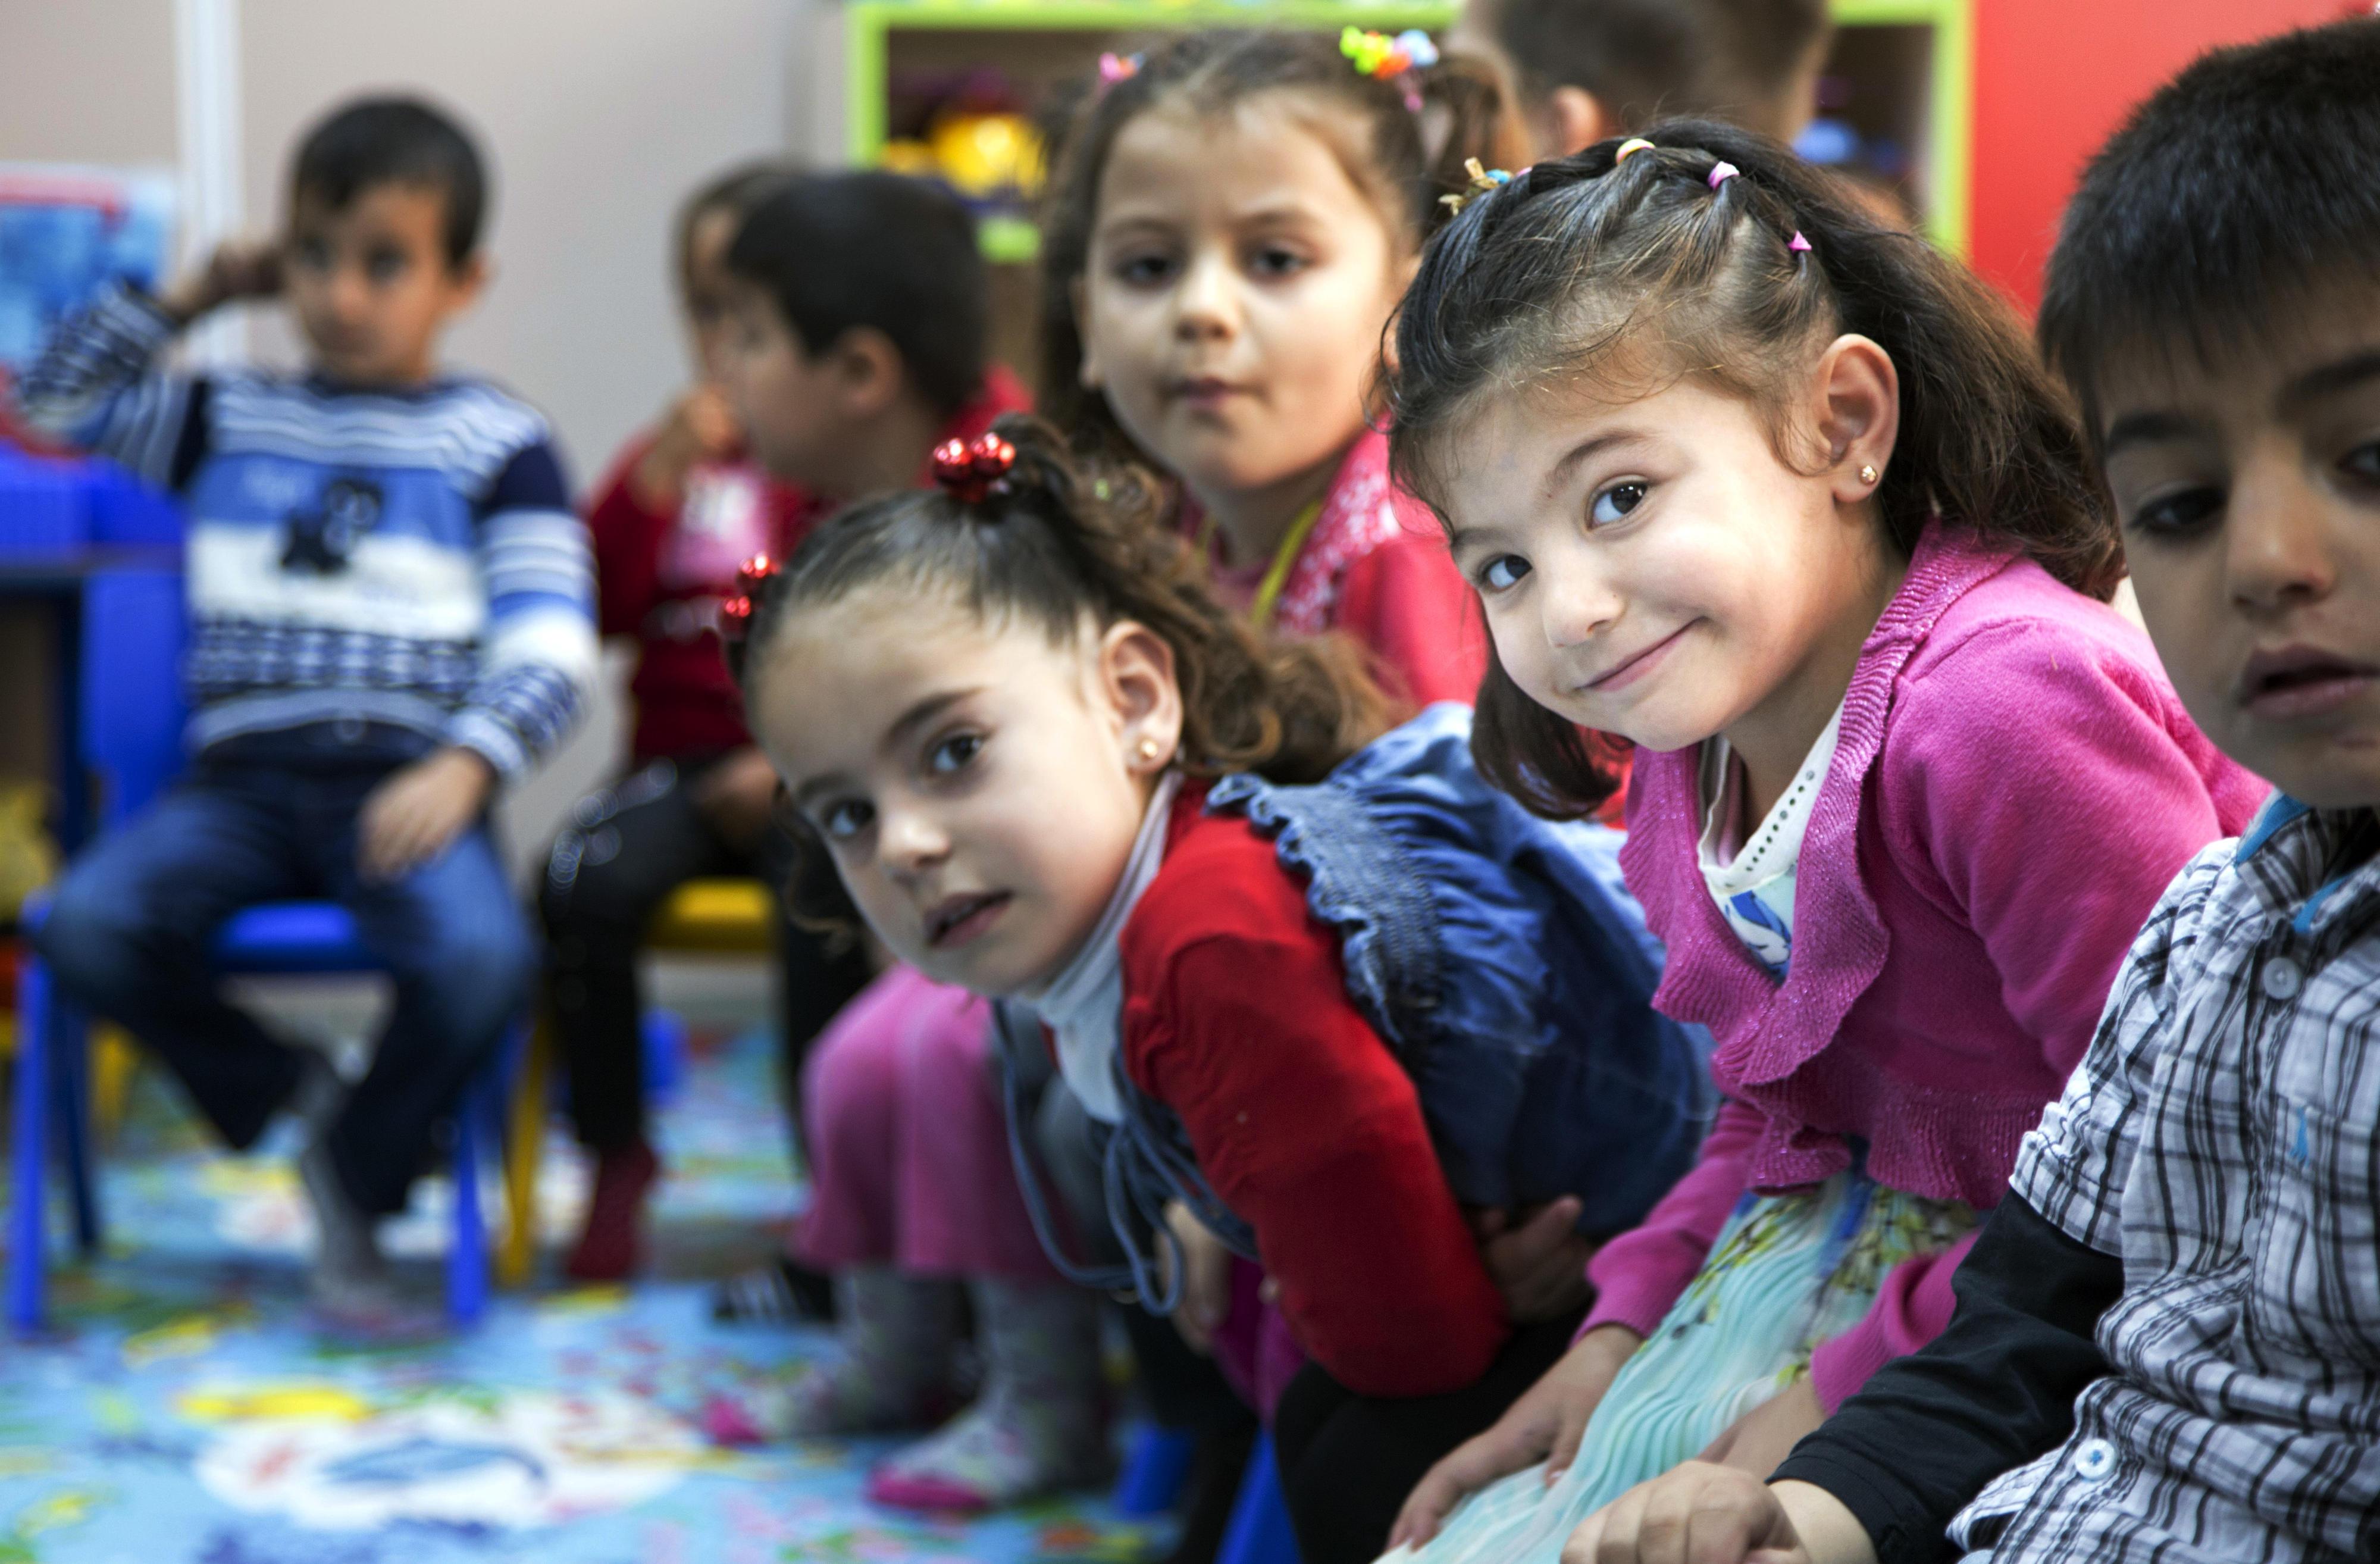 Schulkinder in einem Flüchtlingscamp in der Türkei